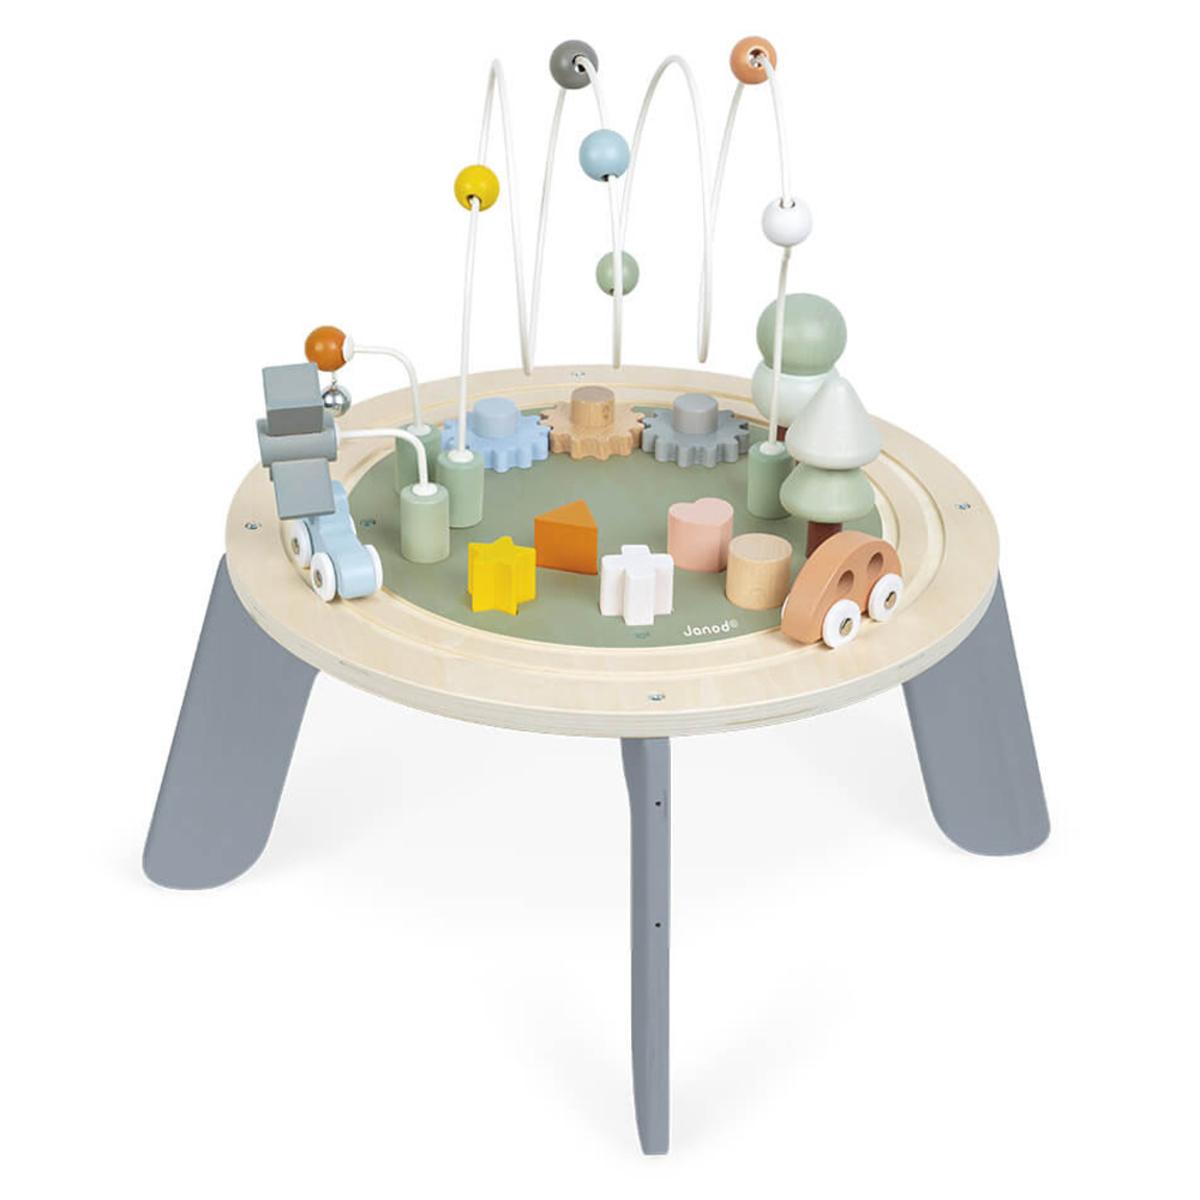 Mes premiers jouets Table d'Activités Sweet Cocoon Table d'Activités Sweet Cocoon